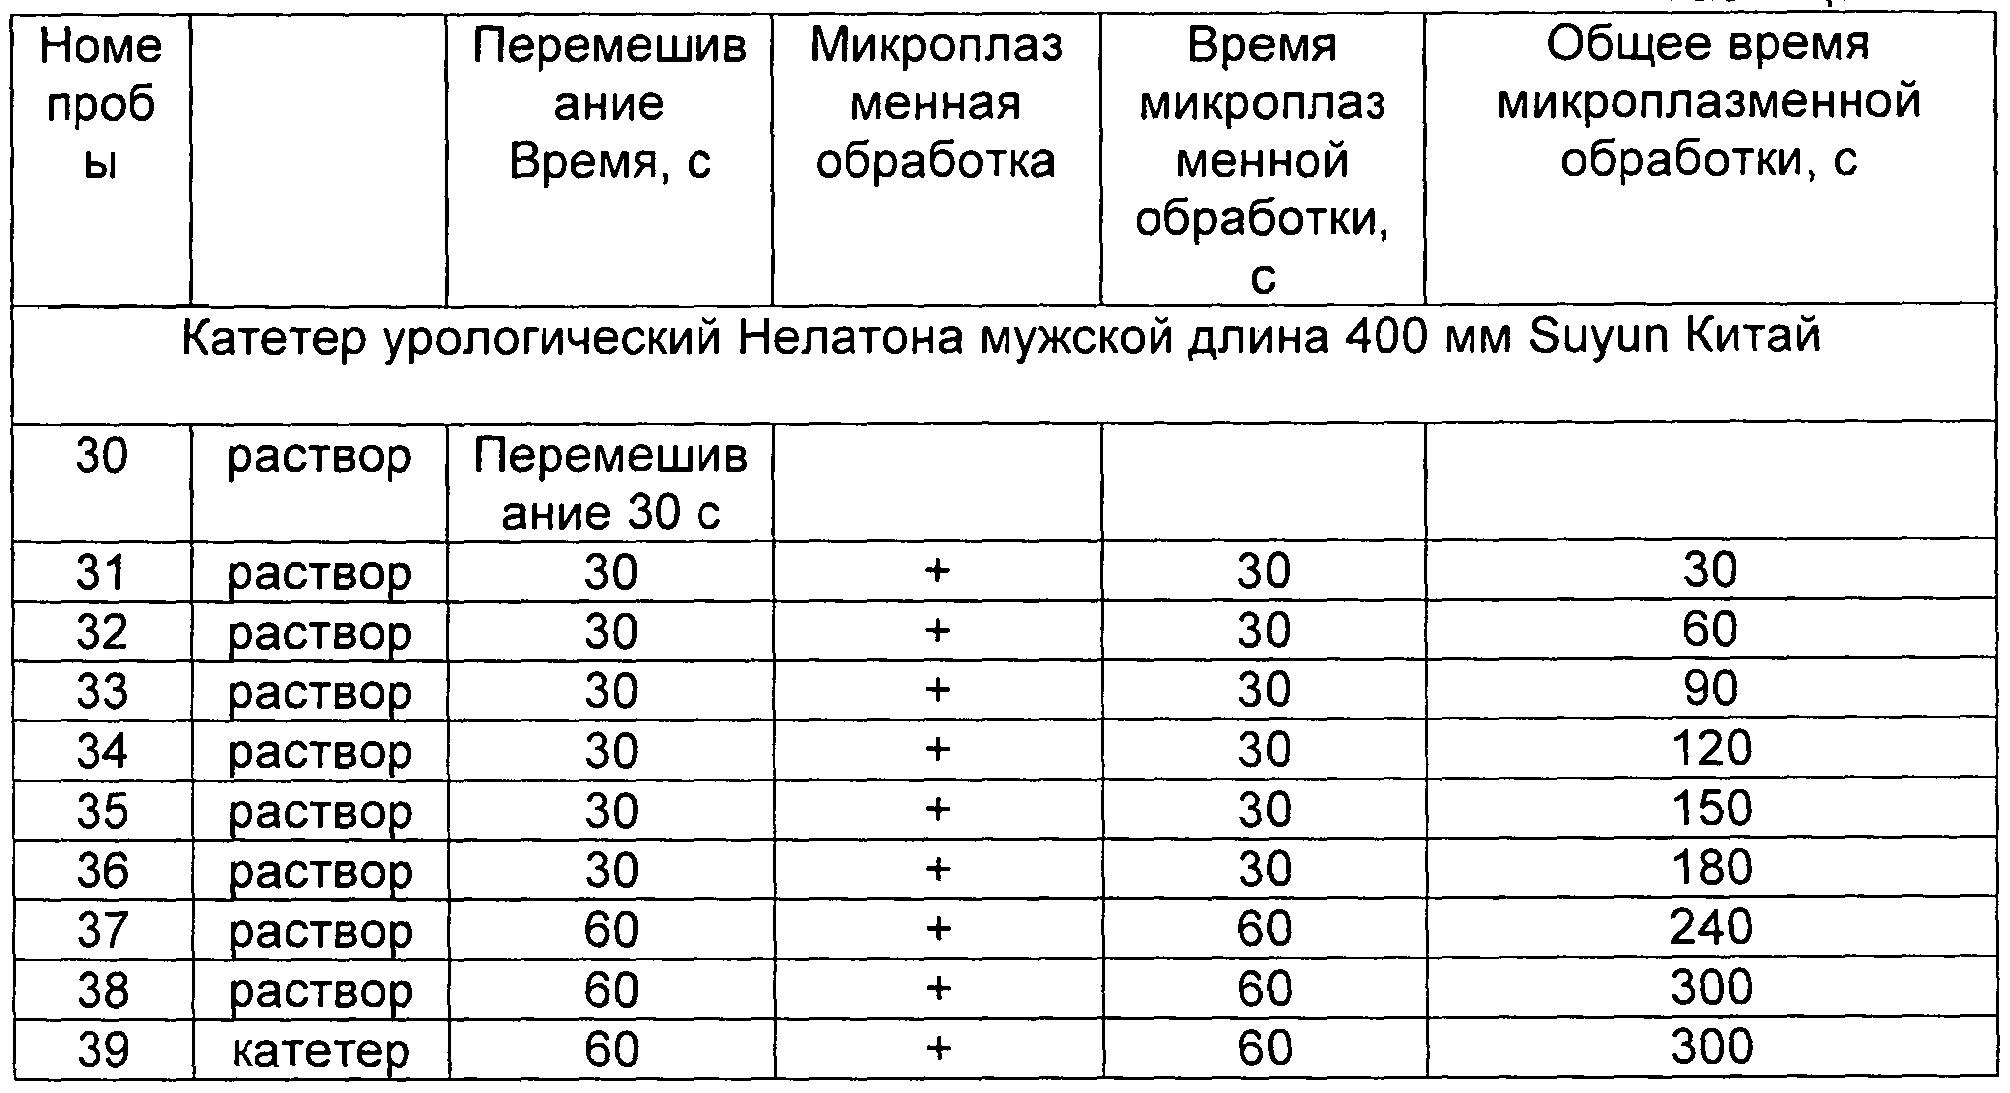 инструкция по обработке цистоскопов